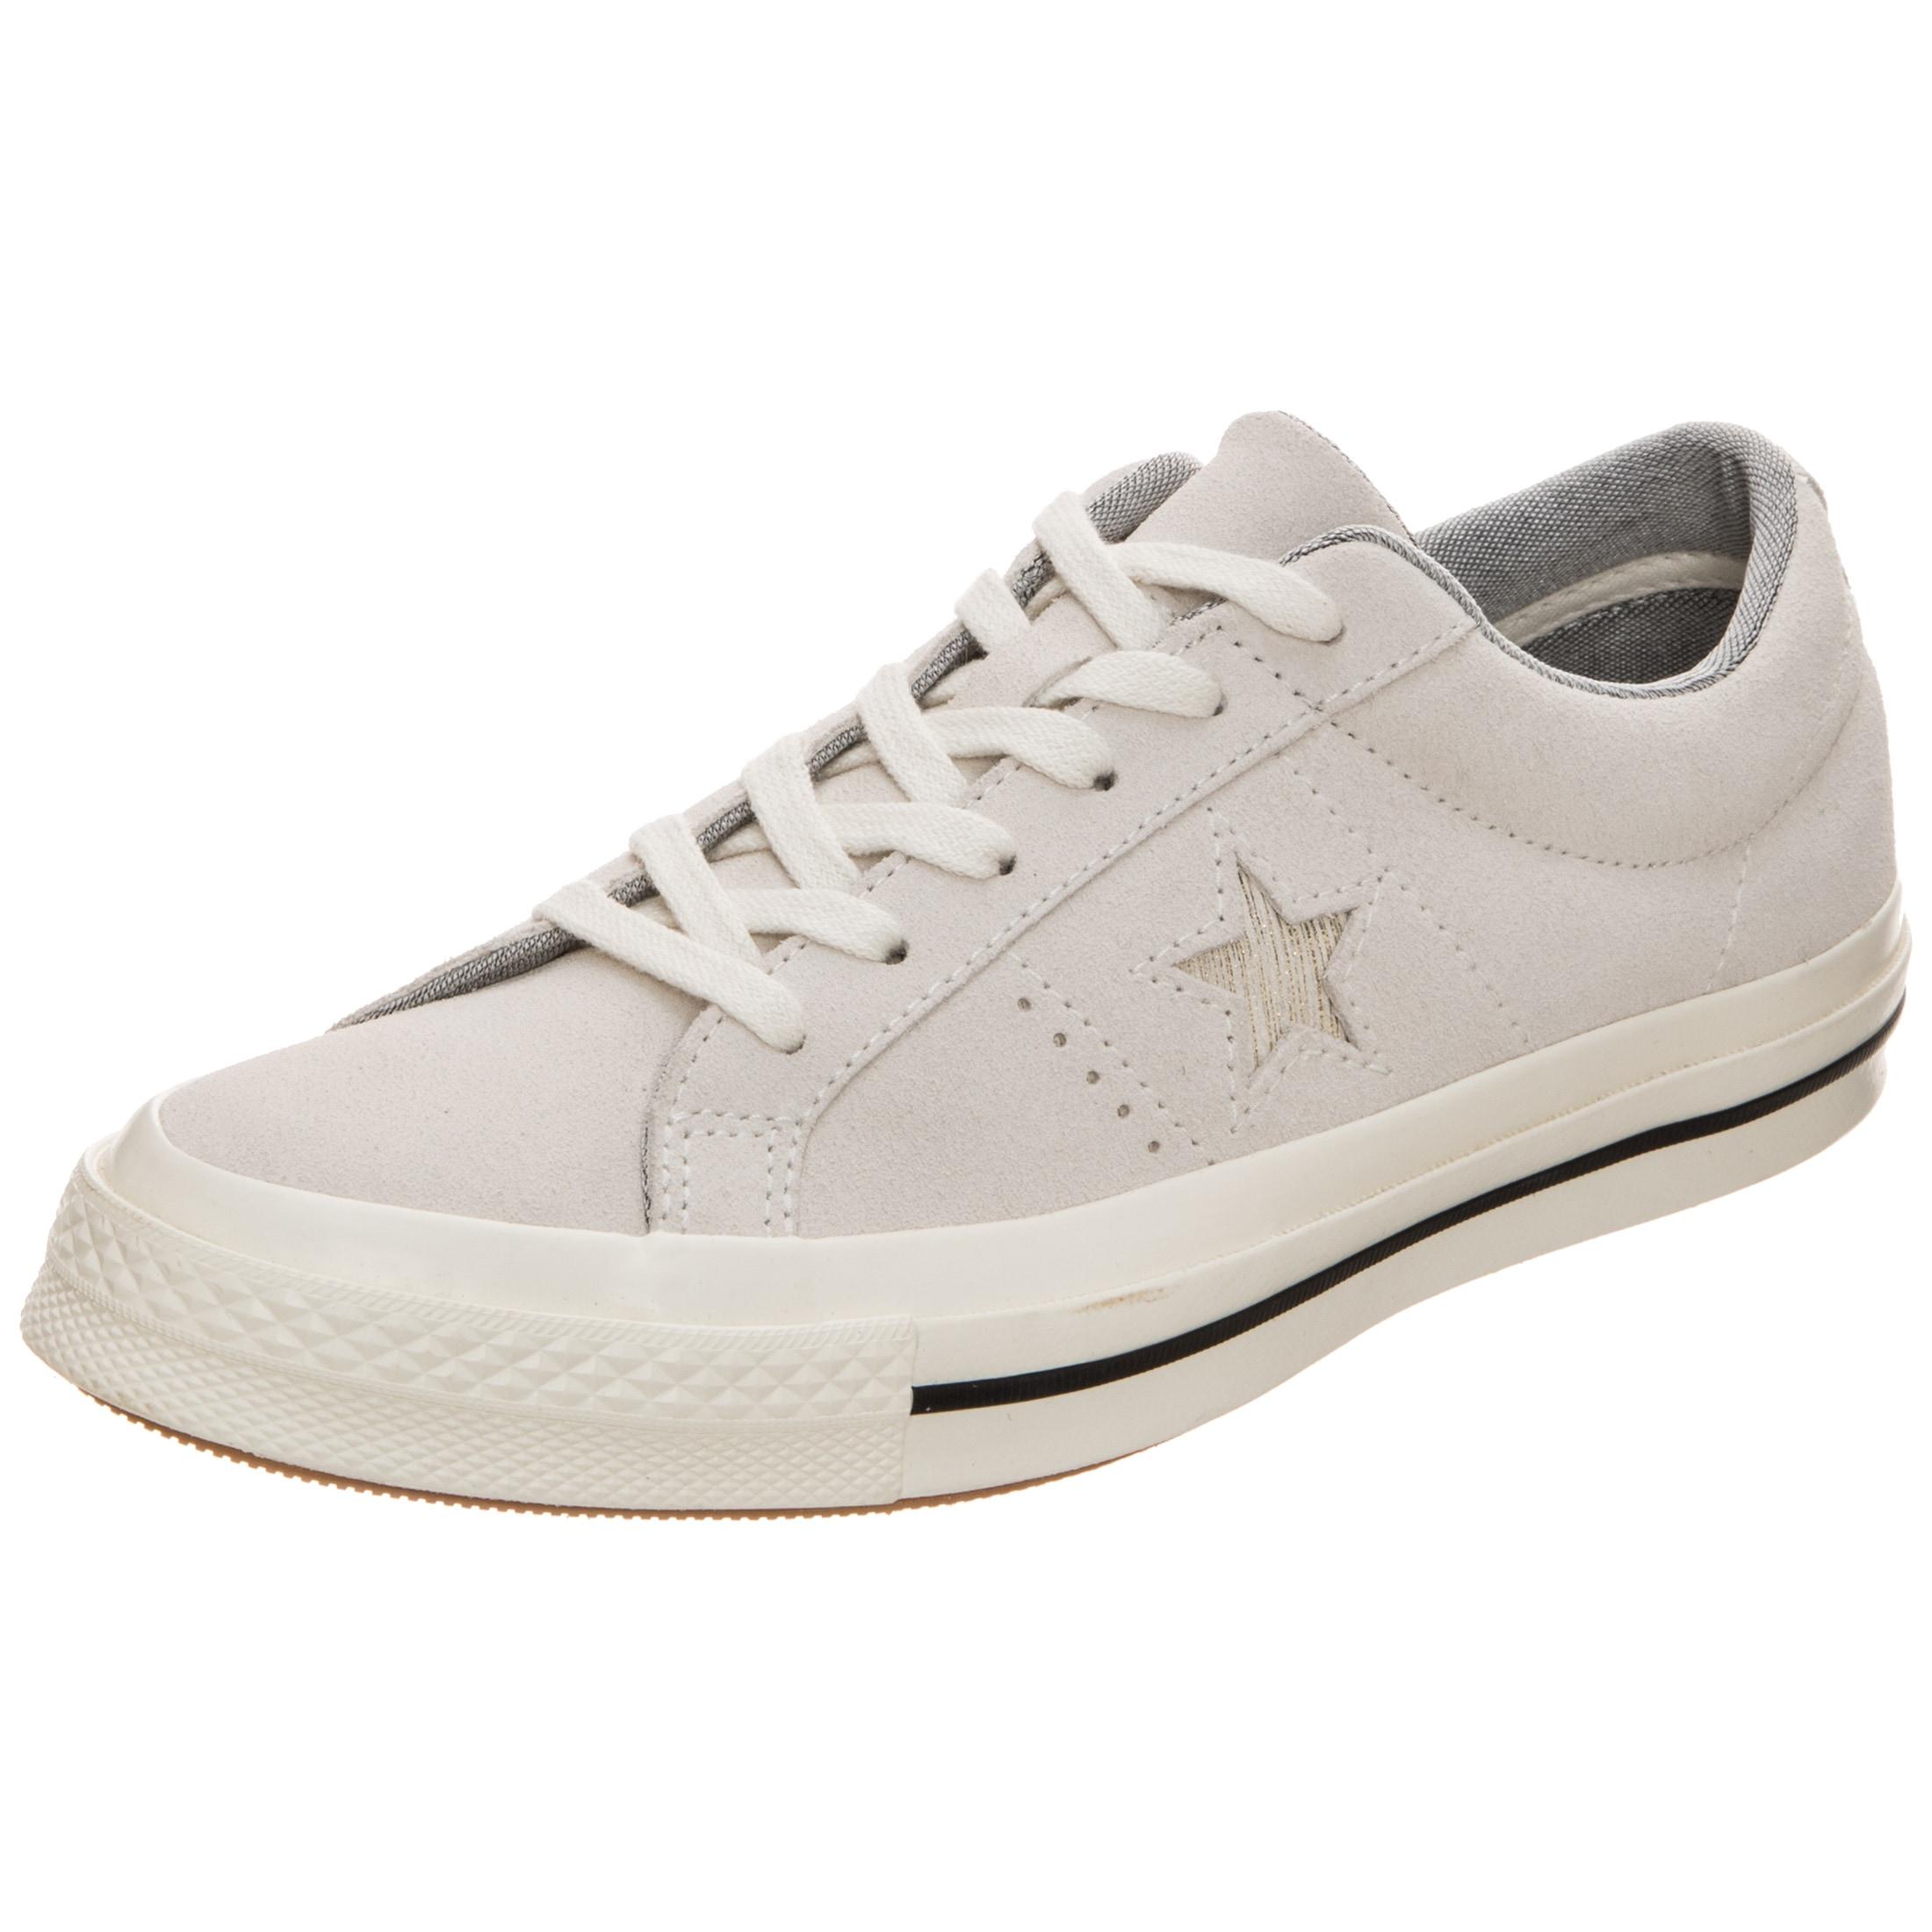 Converse Sneaker Cons One Star Precious Metal Suede